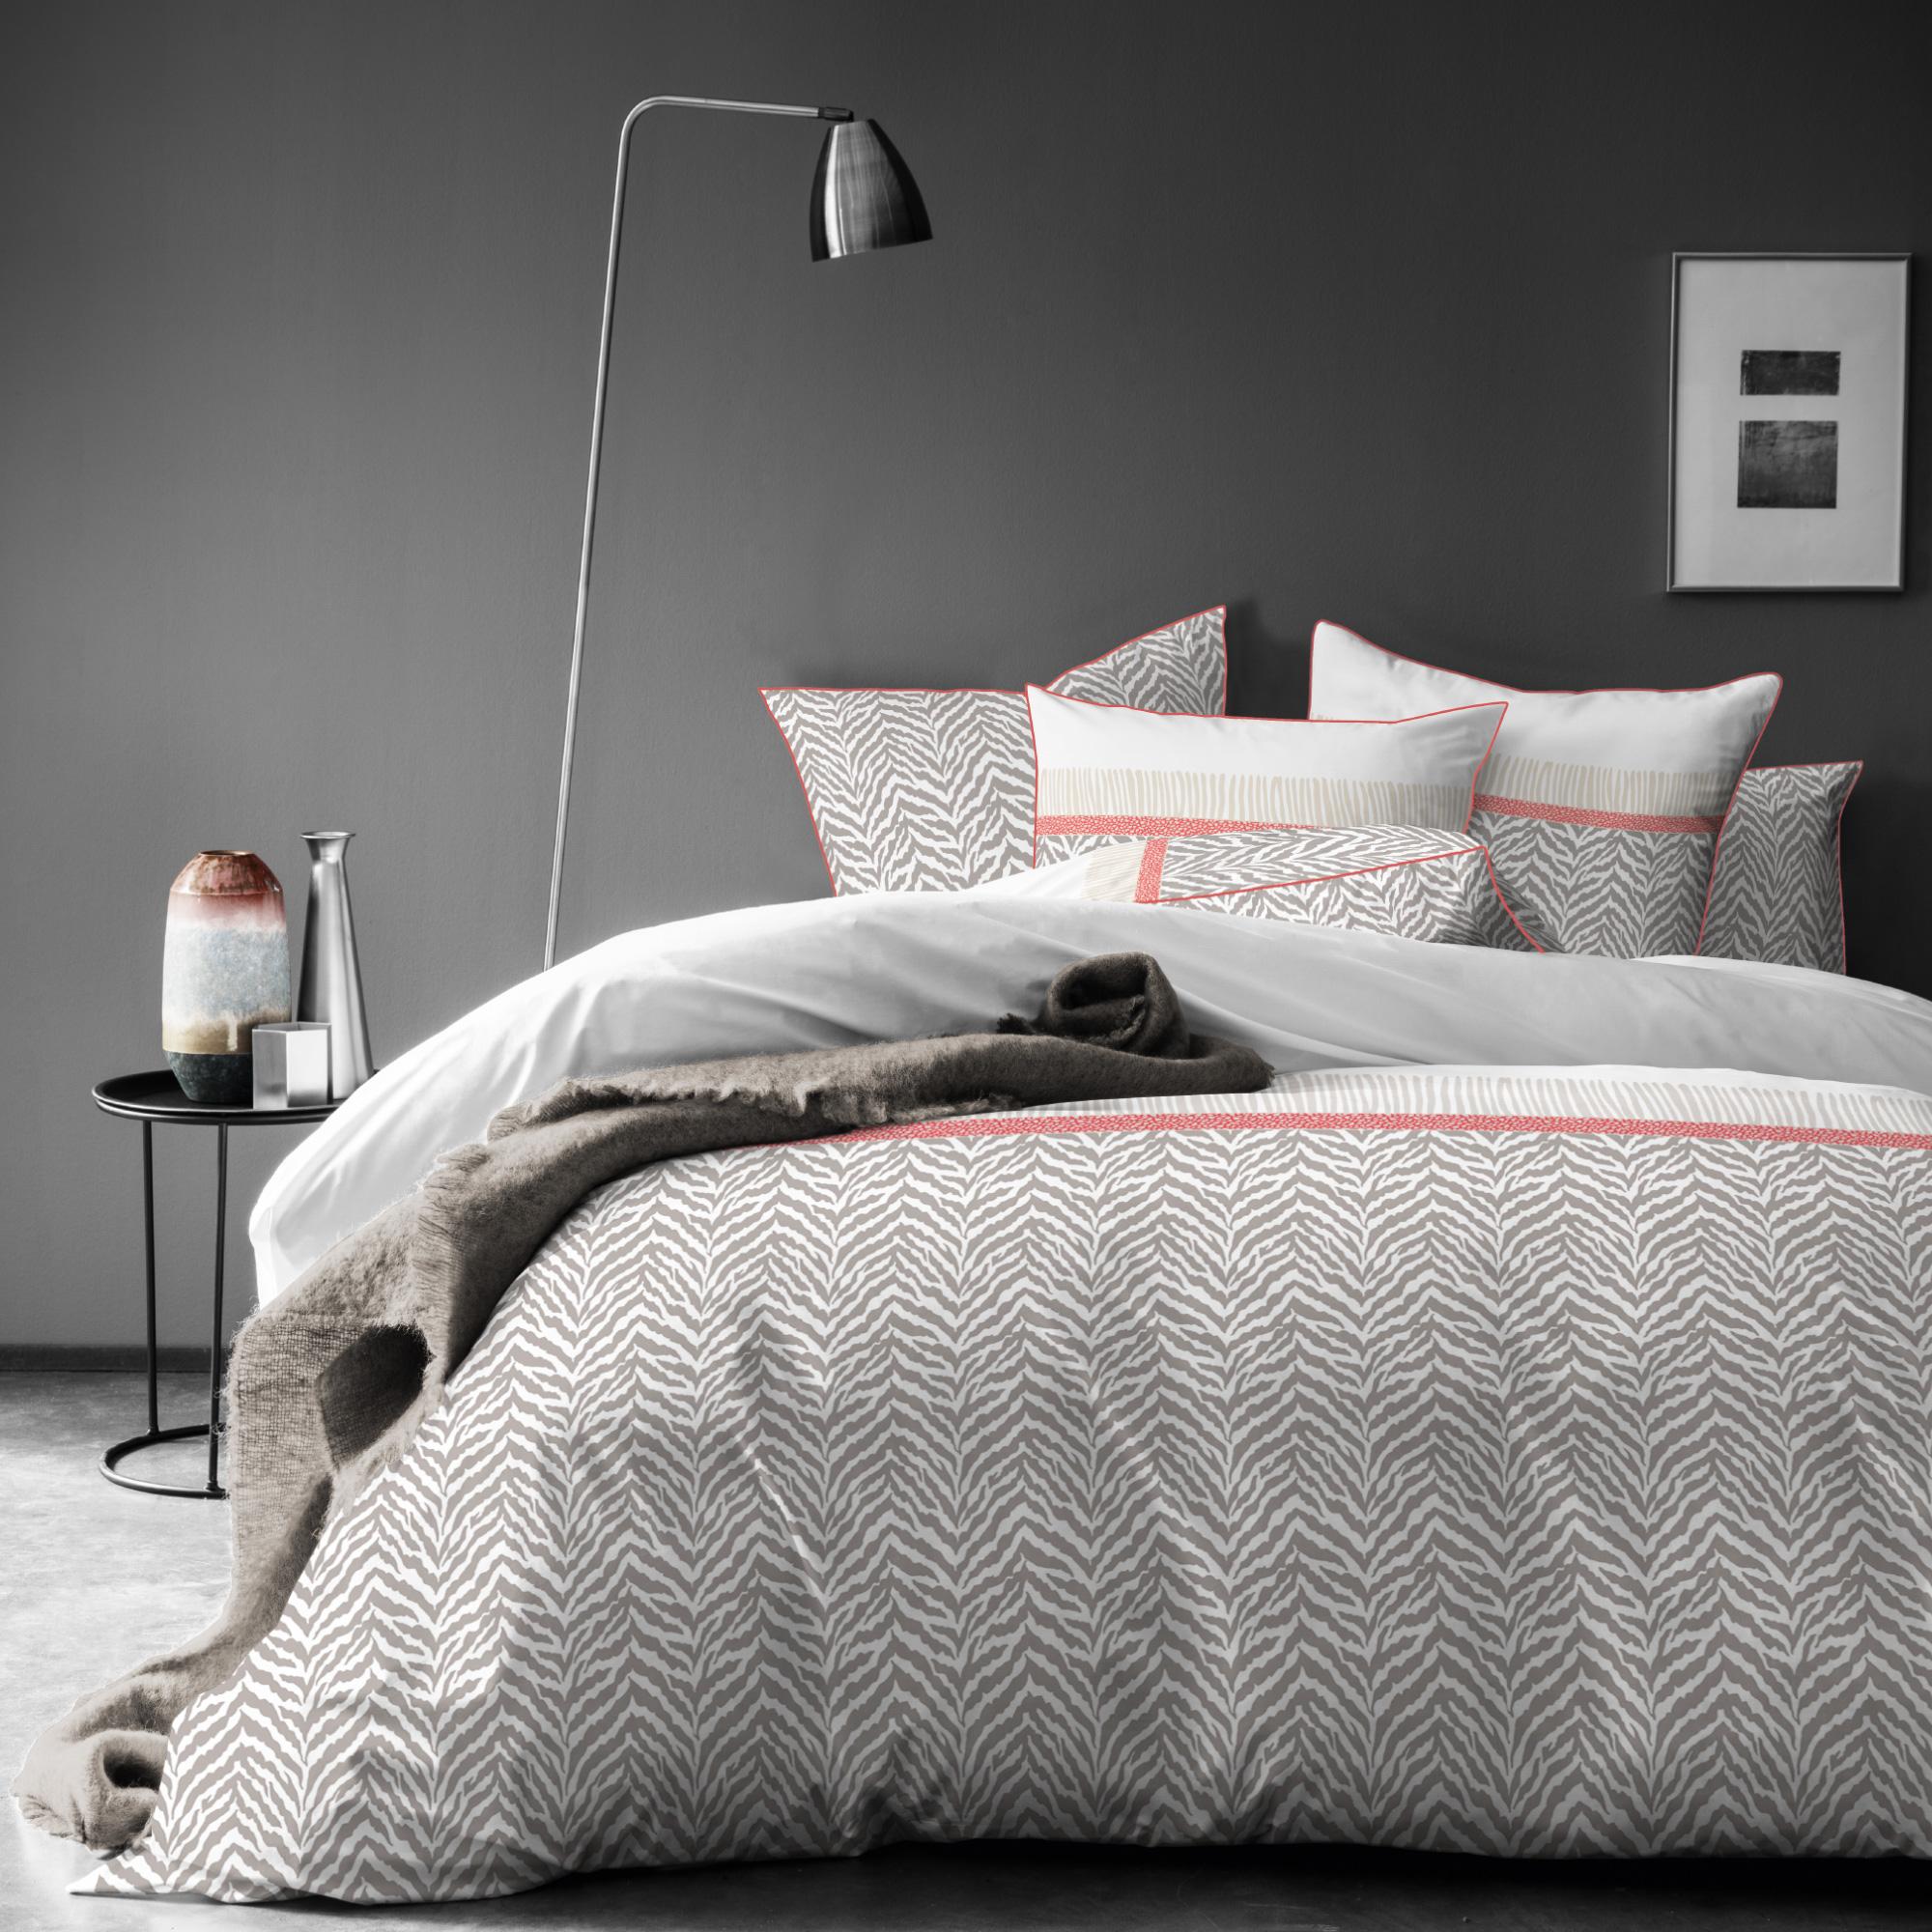 Parure de lit imprimée en coton 140x200 cm